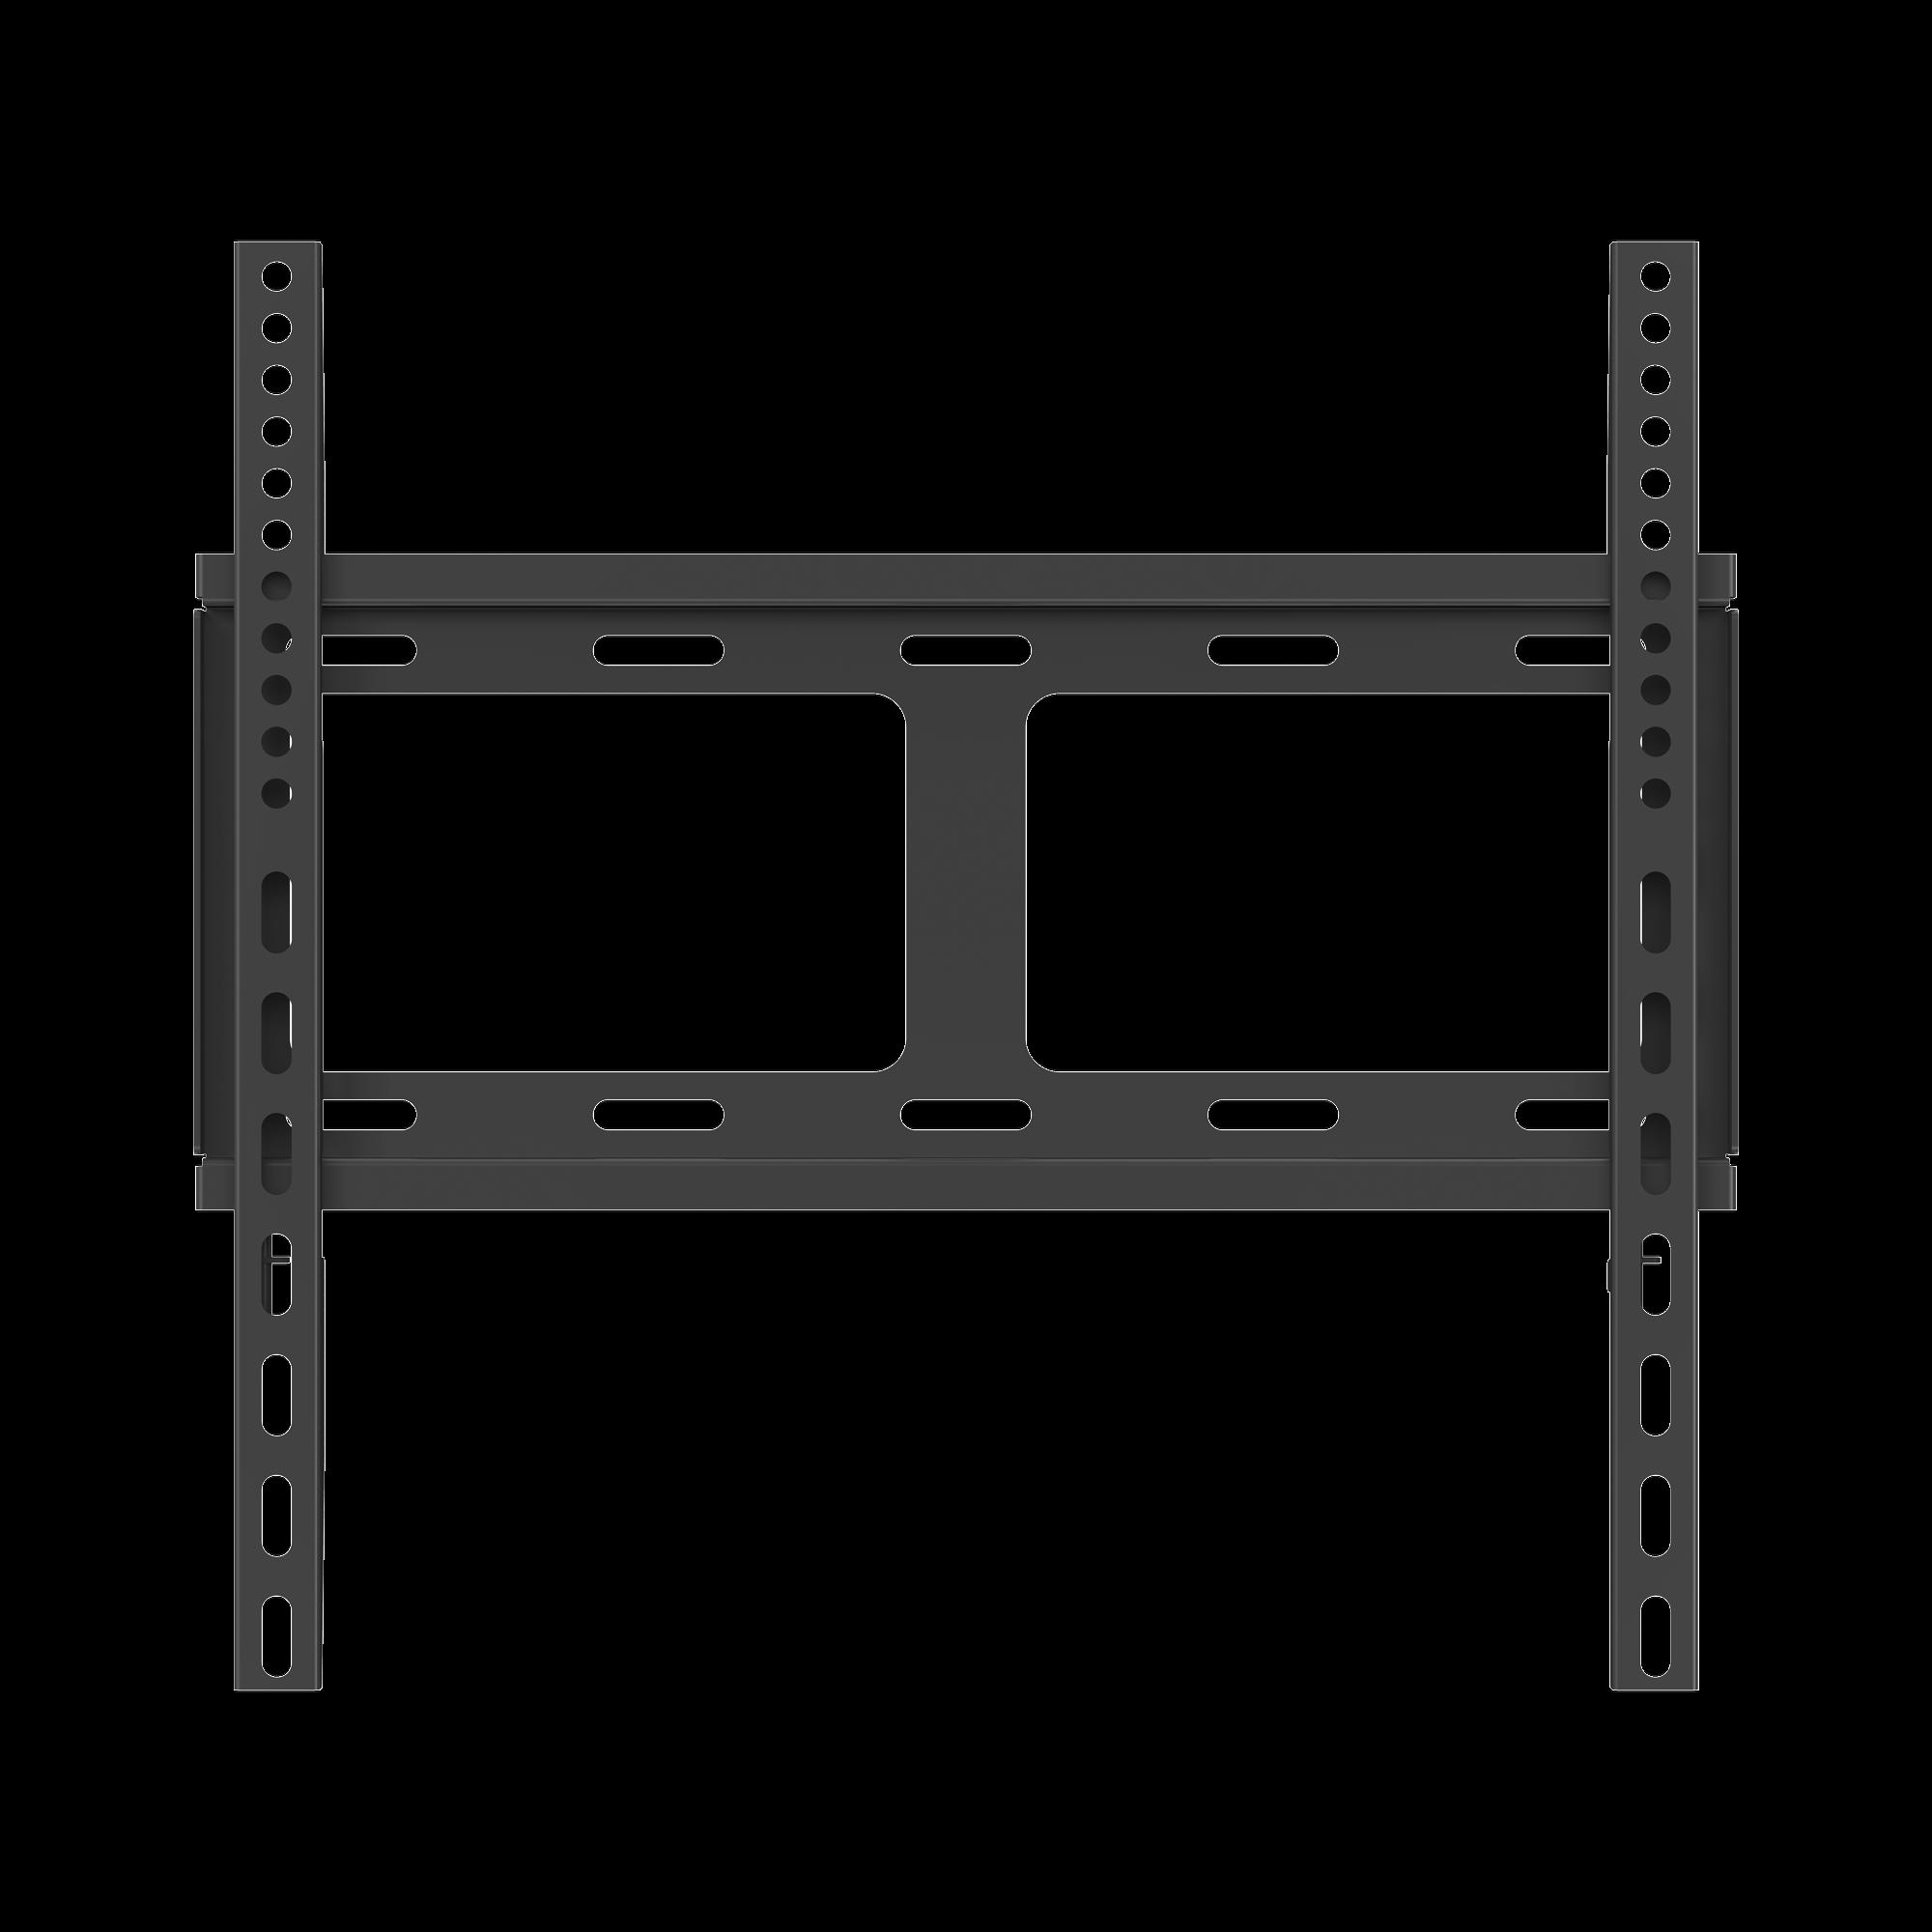 Montaje de Pared Universal / Vesa 400 X 400 / Color Negro / Compatible con DS-D5043QE